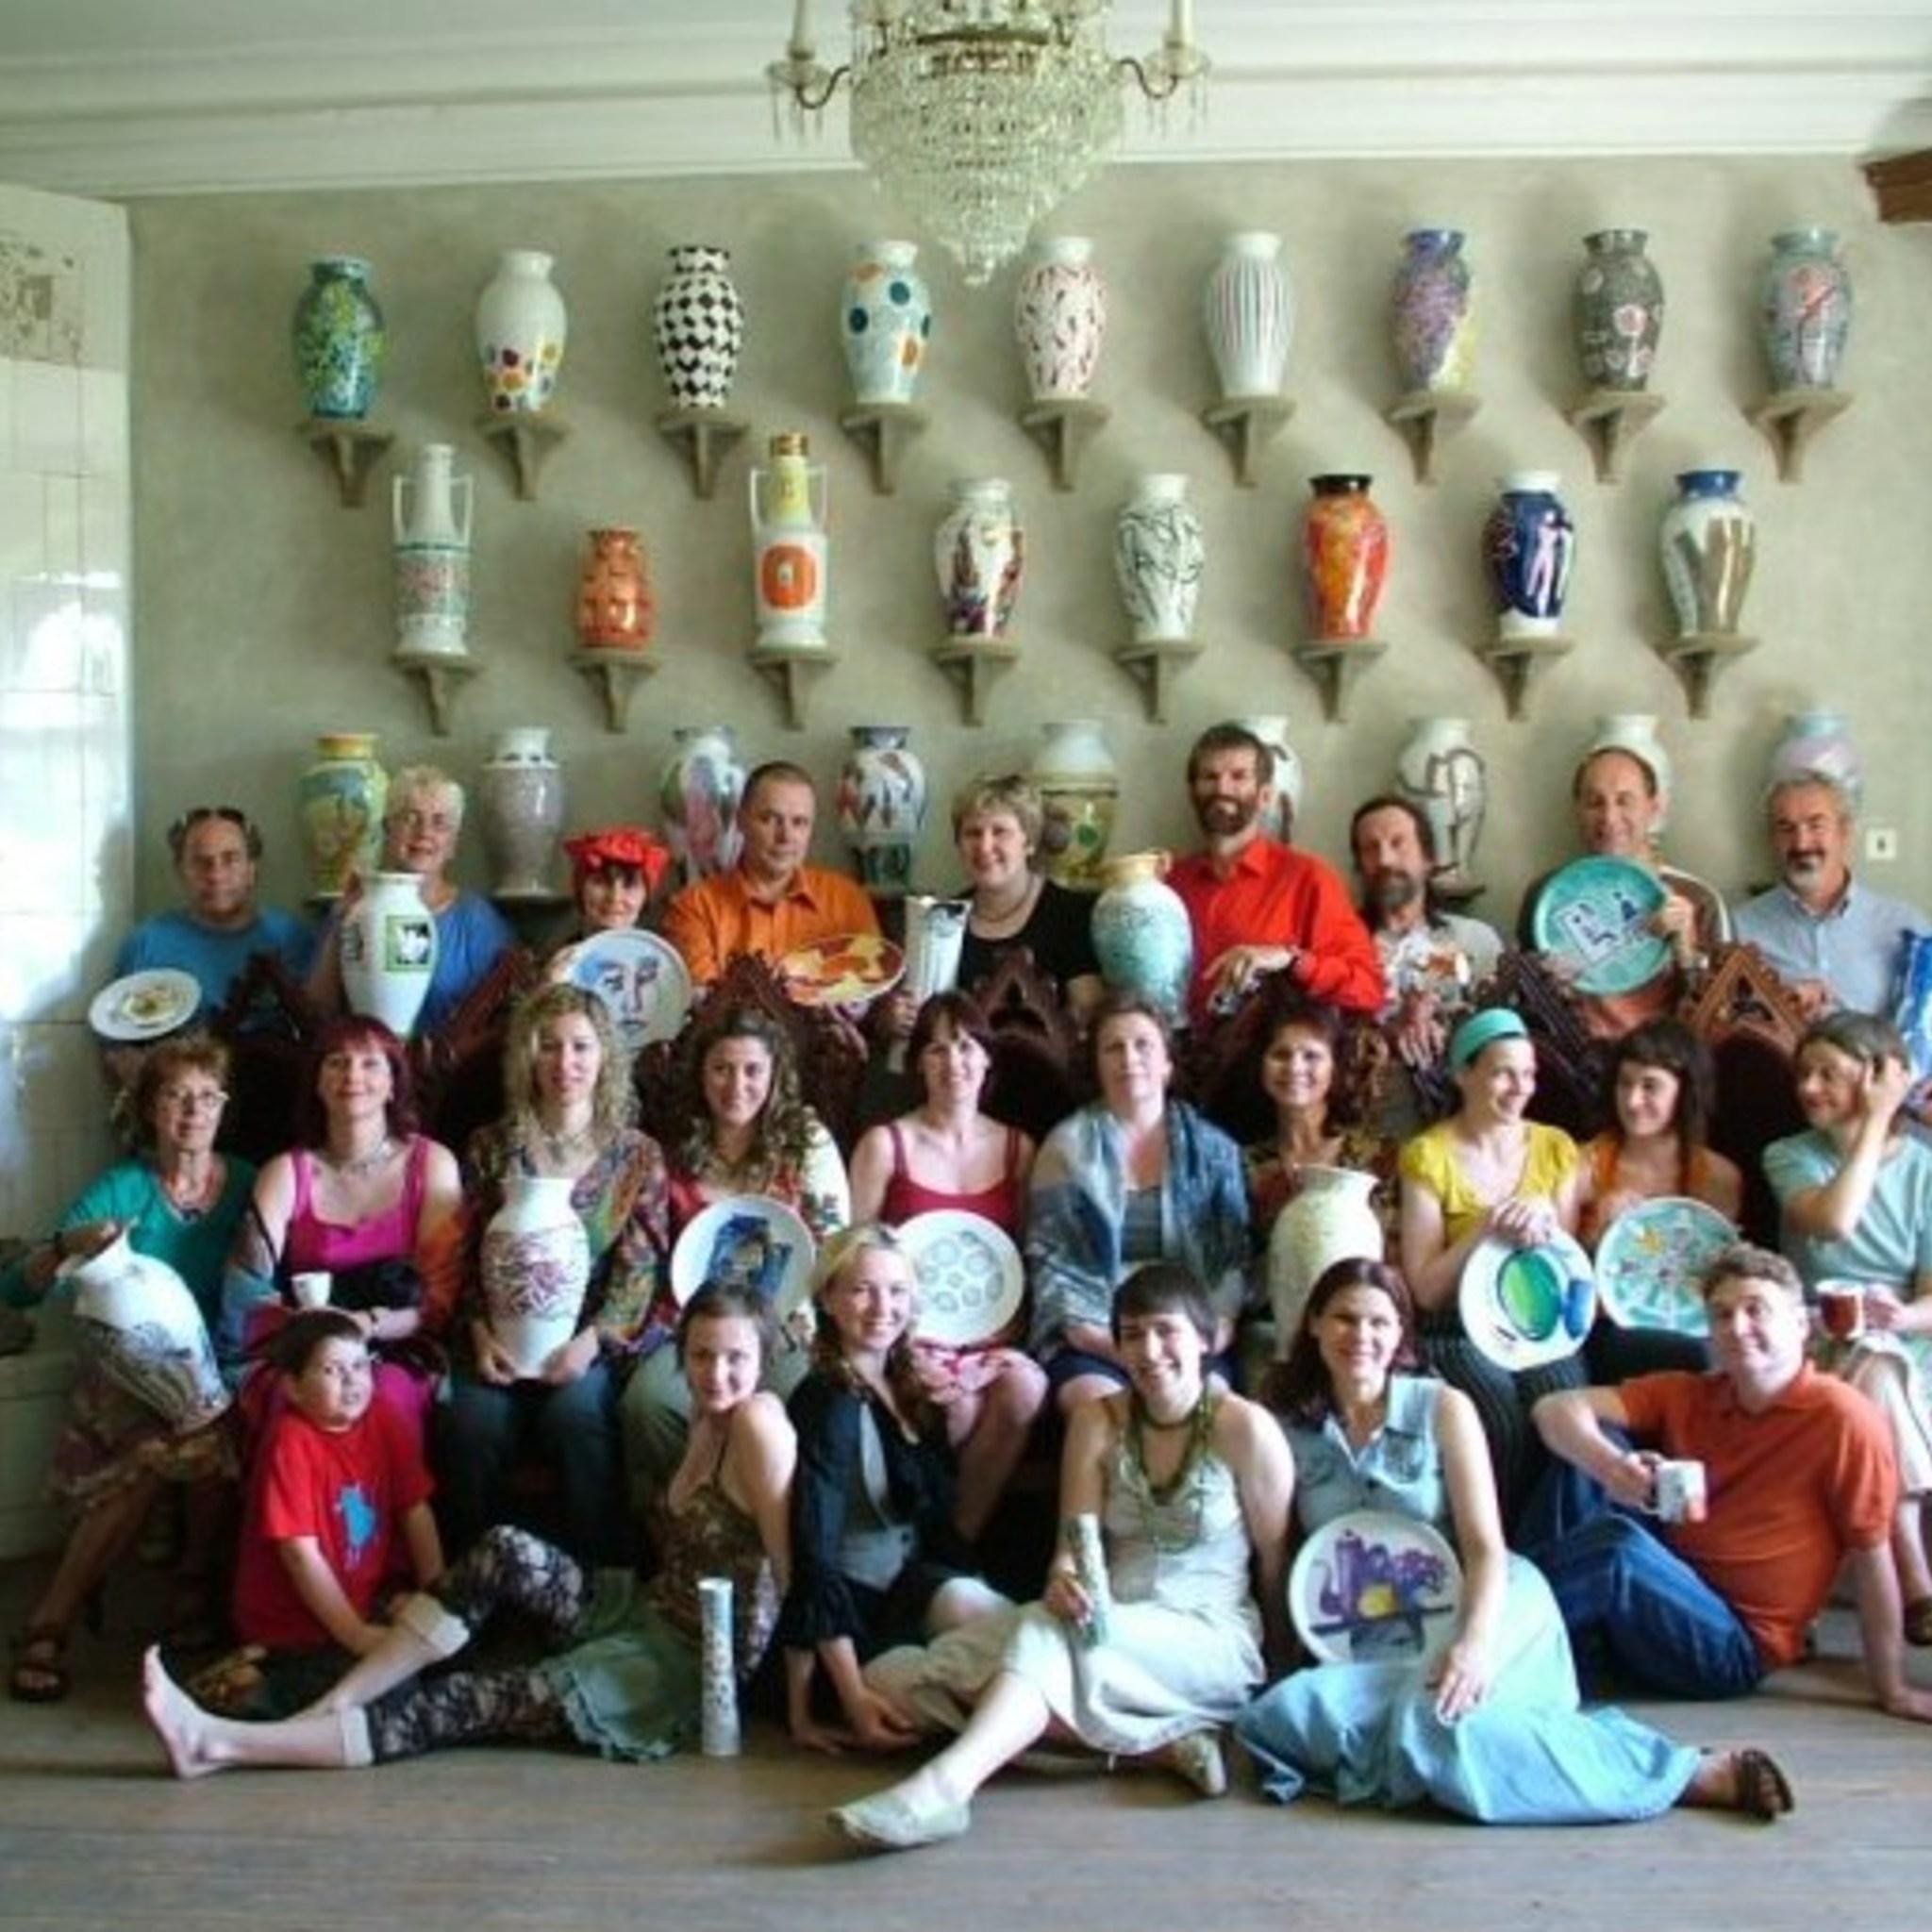 Выставка международного симпозиума керамики в Звартаве